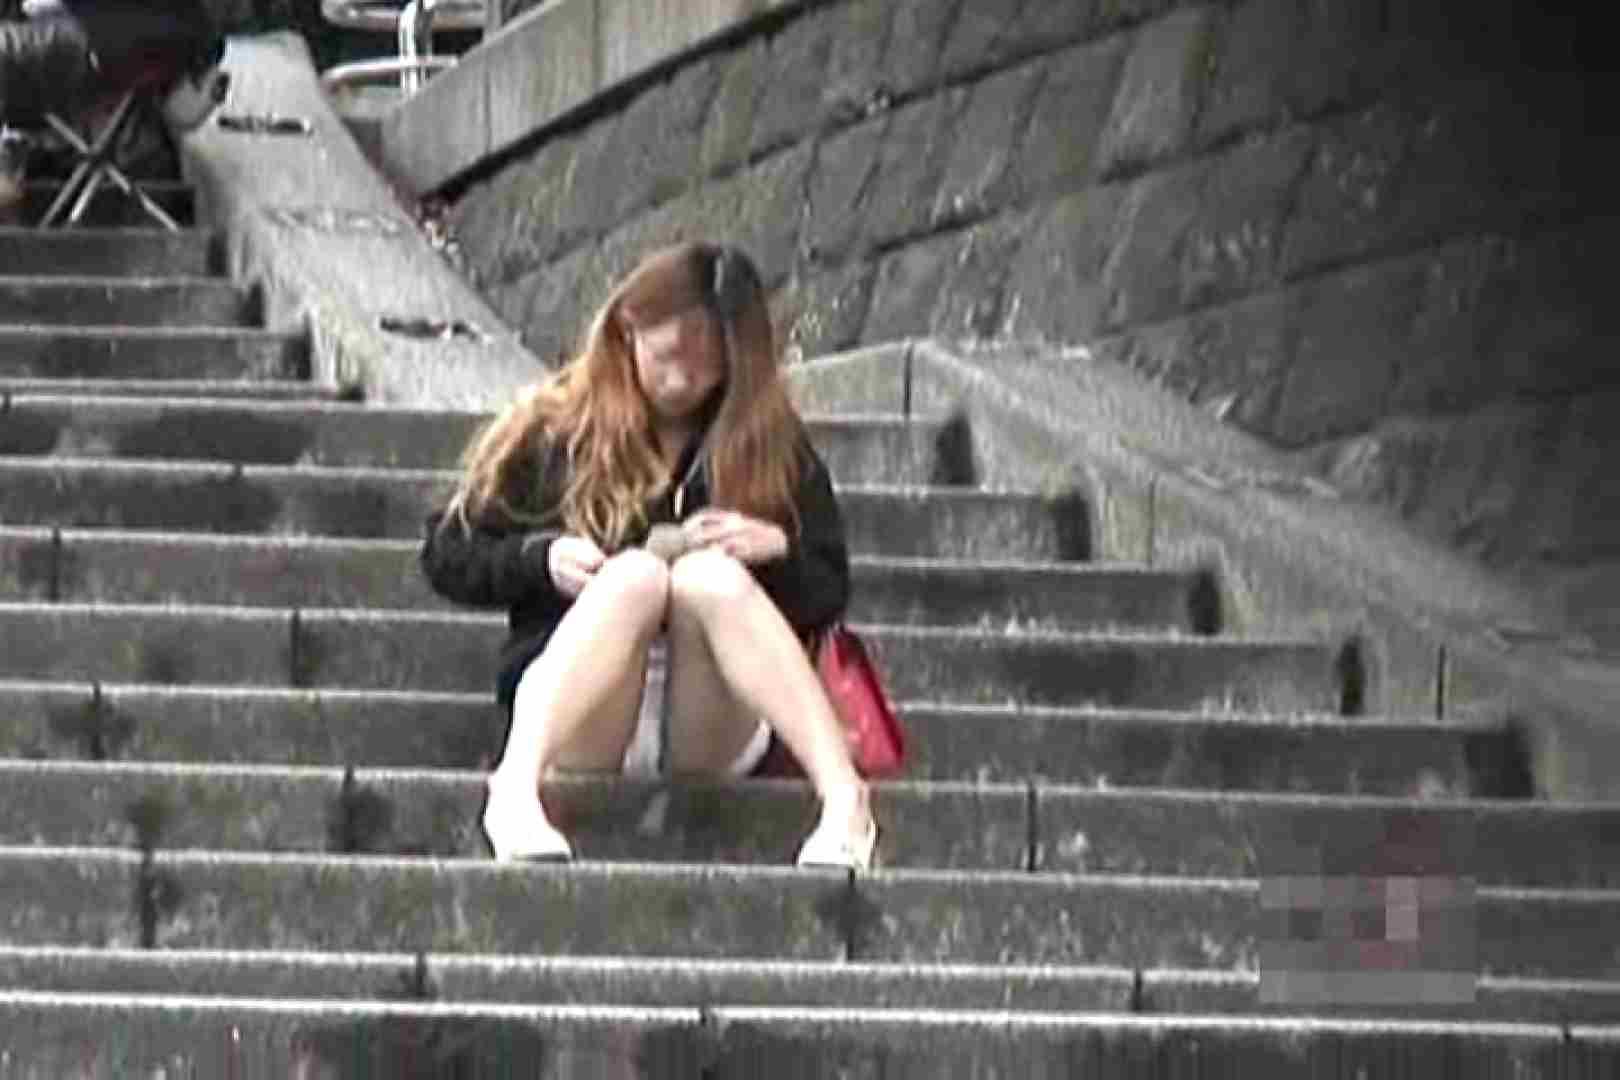 マンチラインパクトVol.2 パンチラ スケベ動画紹介 41連発 28